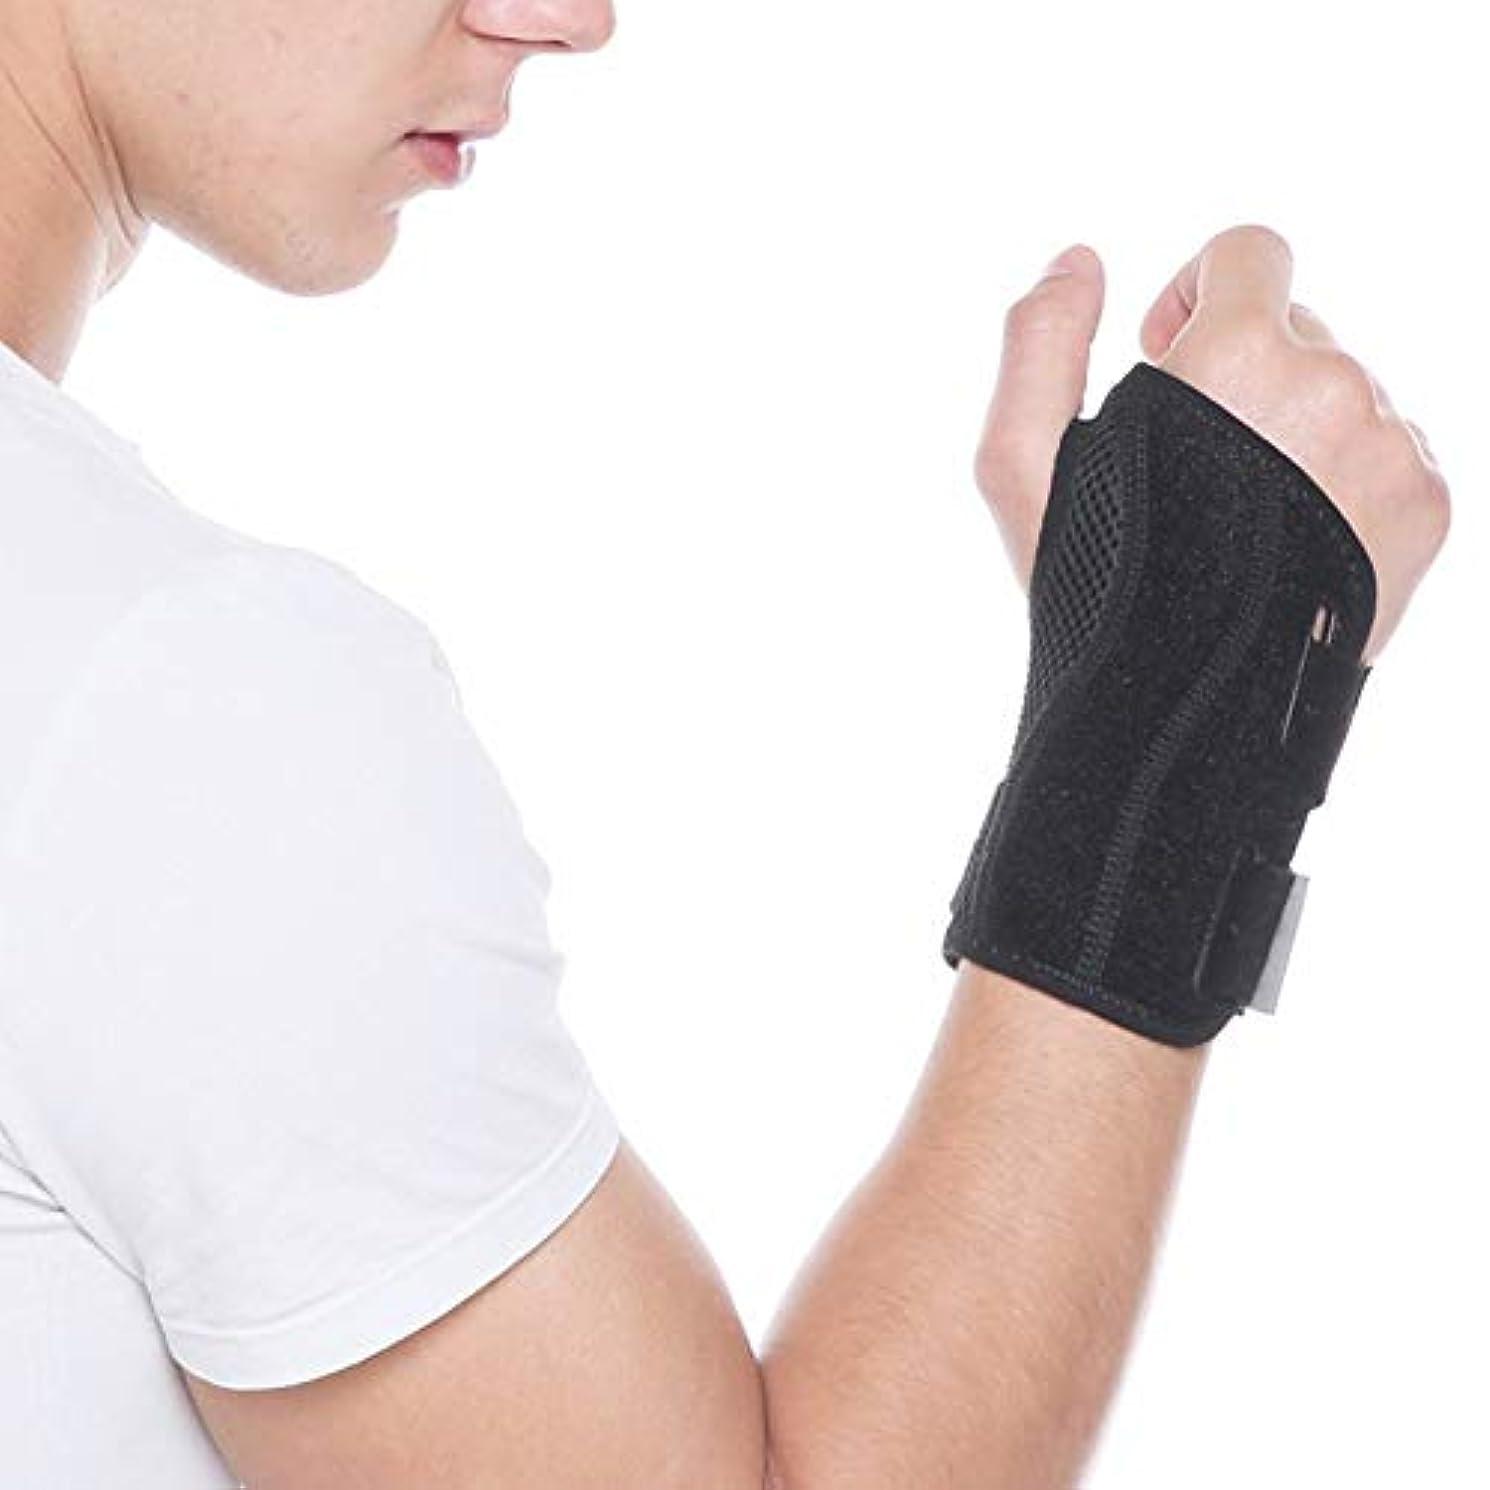 トーストちょっと待って旅手首のサポートの痛み手根管症候群は、右左手のための安定化のサポートを和らげます